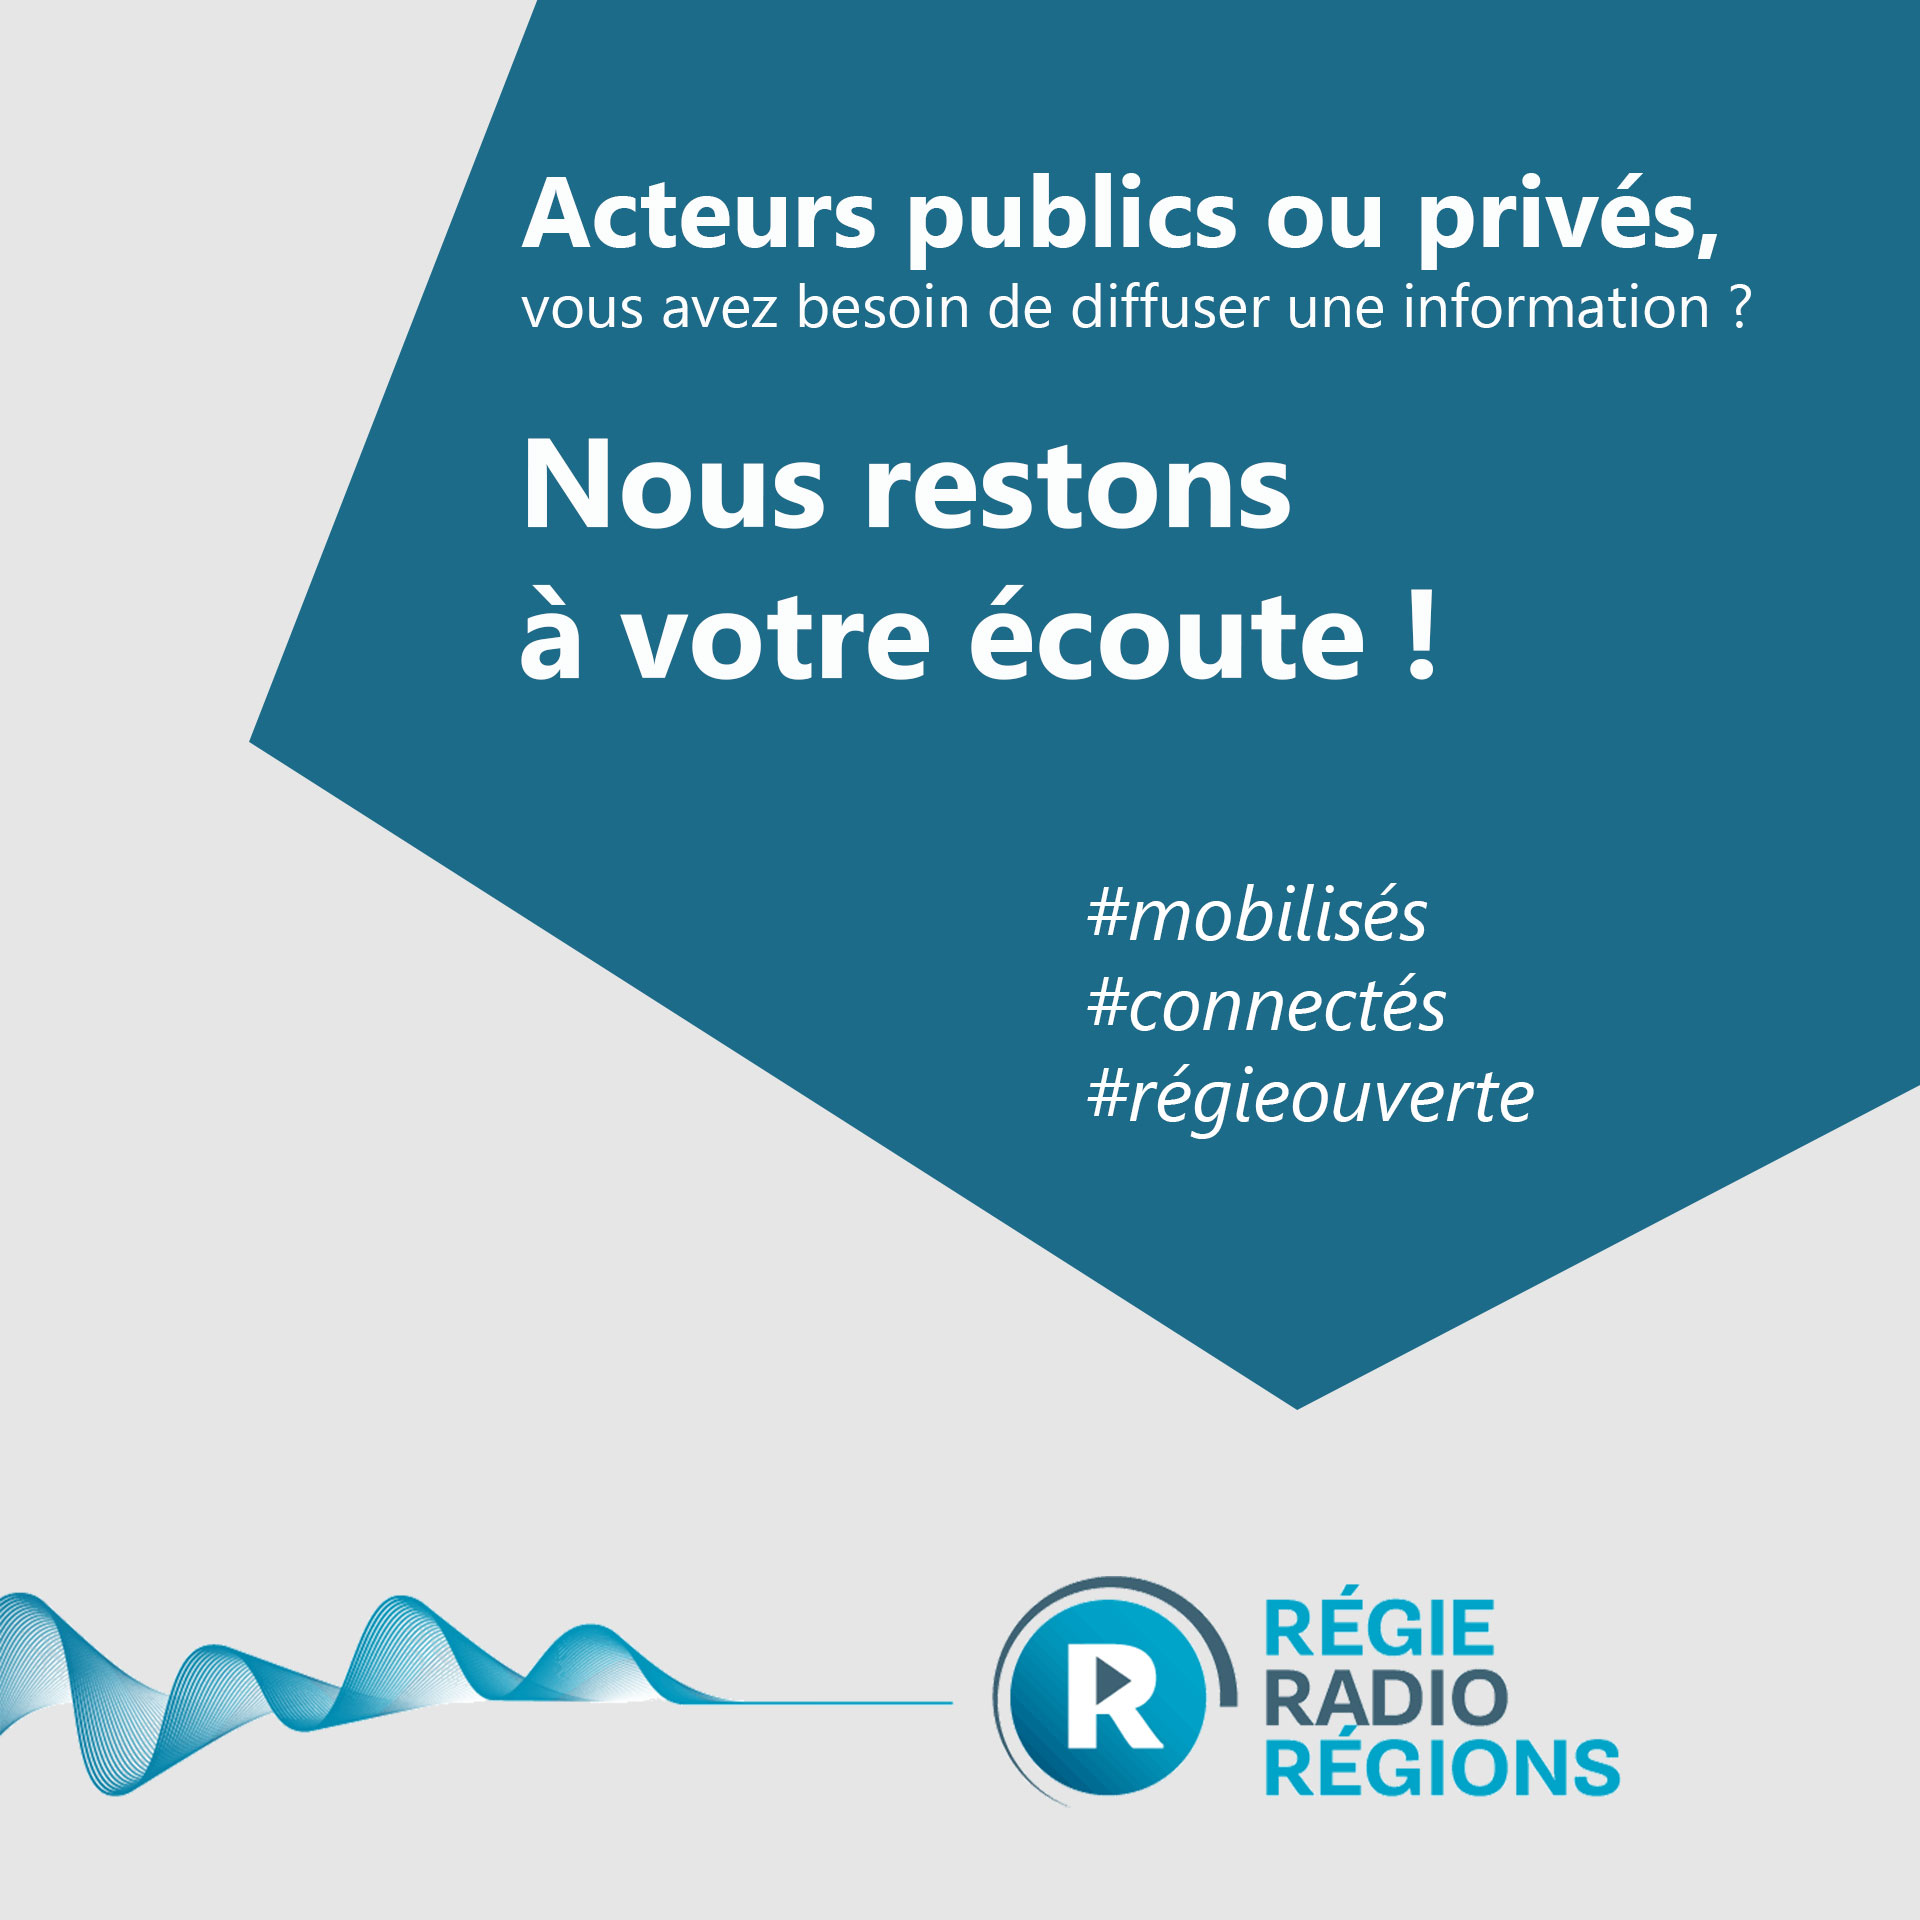 Acteurs publics ou privés vous avez besoin de diffuser une information ? Régie Radio Régions reste à votre écoute